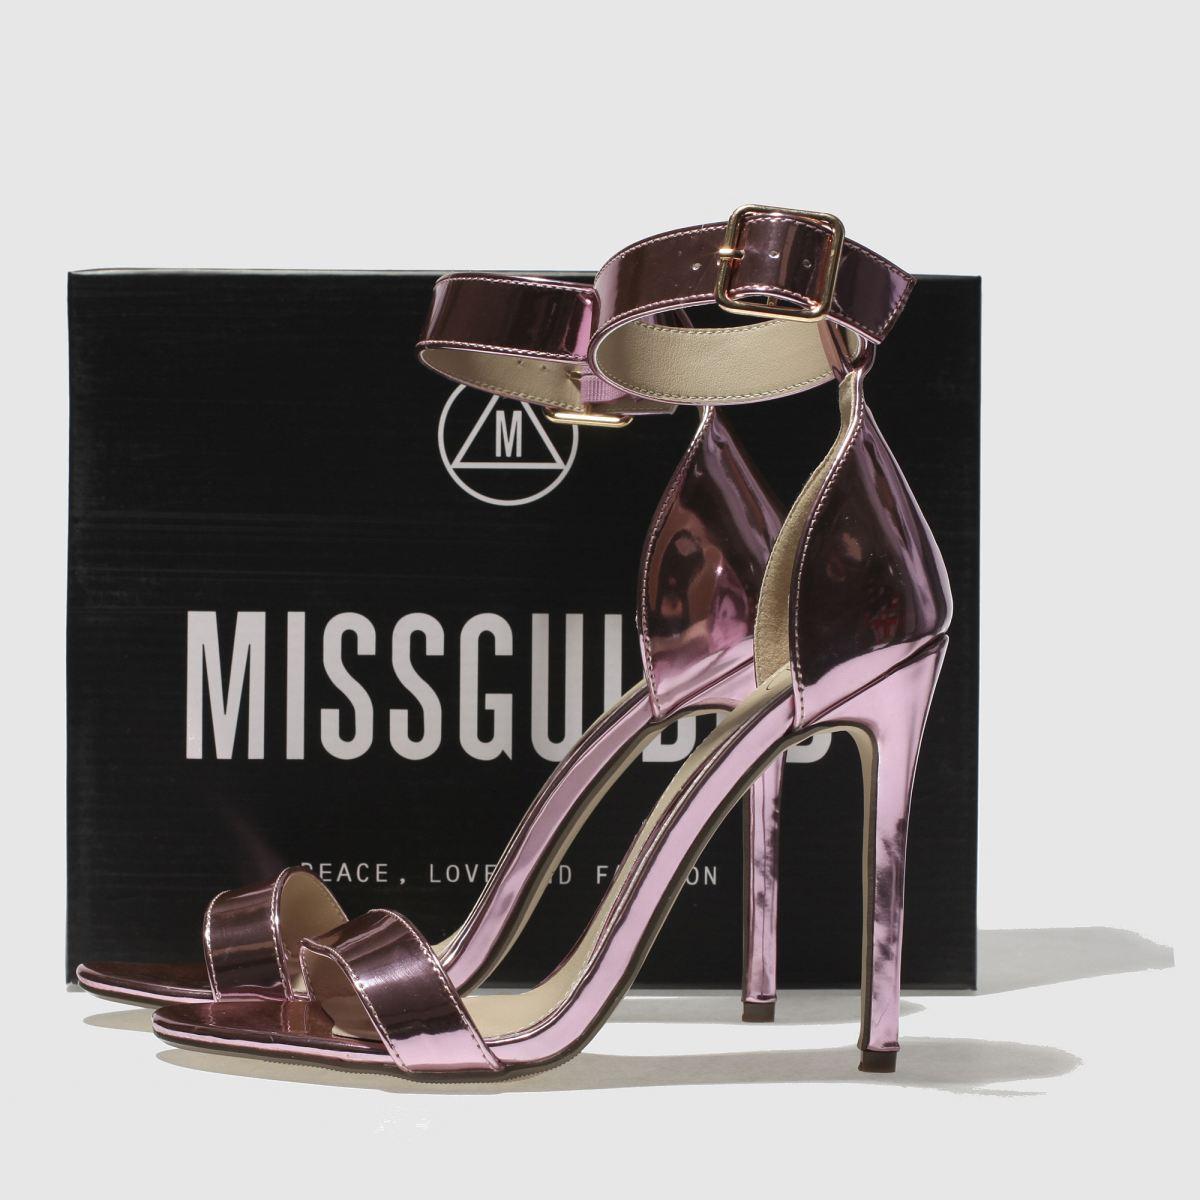 Damen Pink missguided Flat Strap Barely High Heels   Schuhe schuh Gute Qualität beliebte Schuhe   fae2a9